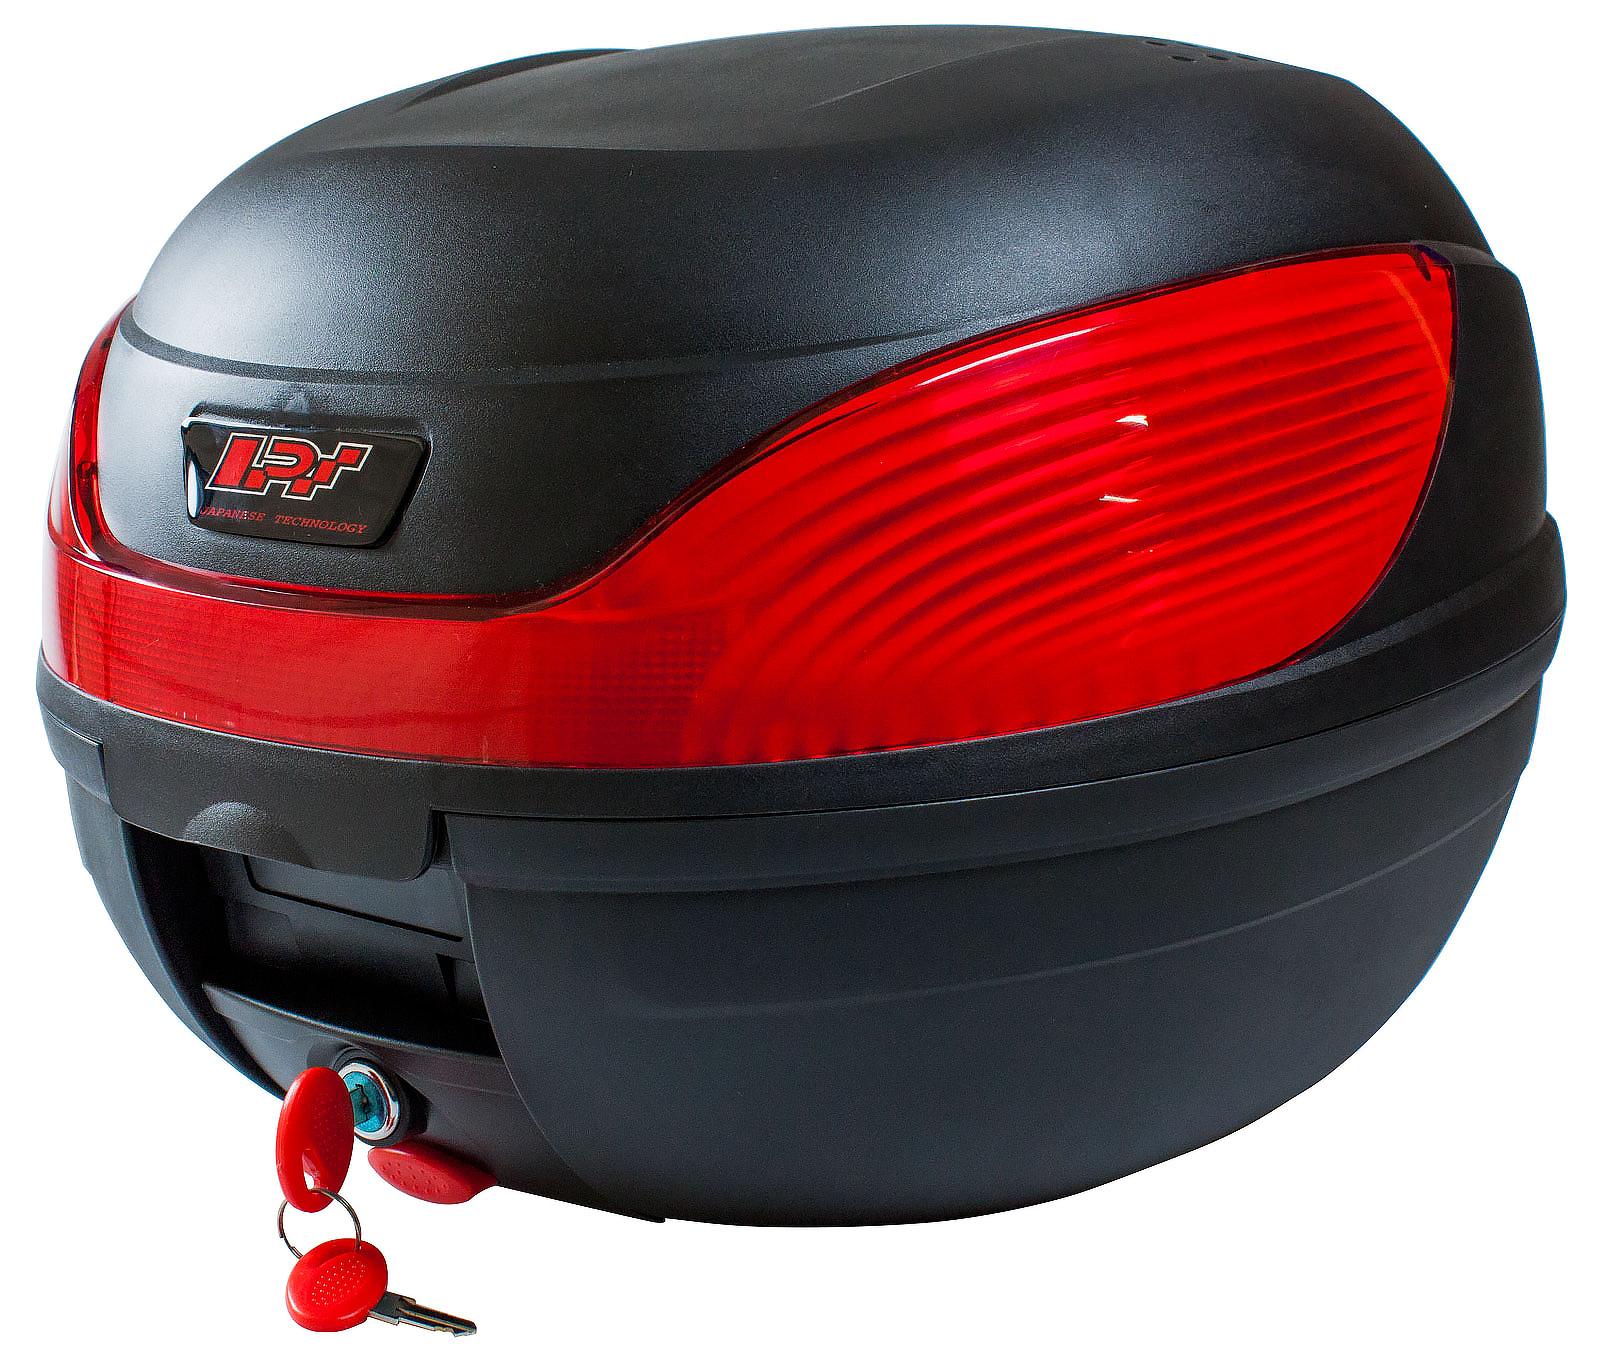 Toppbox 34L Svart Komplett Med Monteringssats